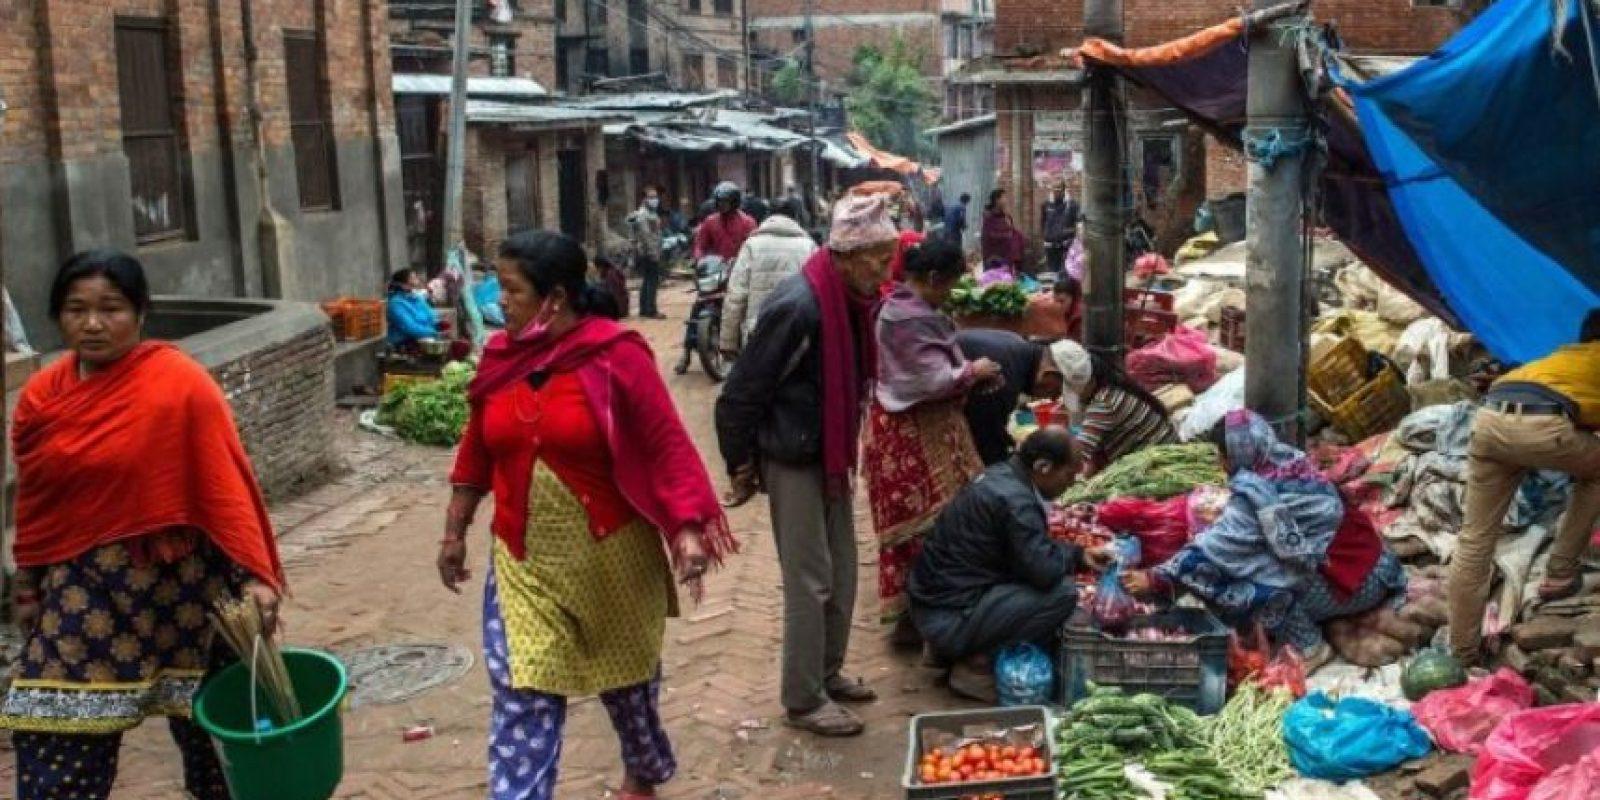 10. Han dispuesto de los cuerpos de sus familiares muertos, según la tradición. Foto:Getty Images